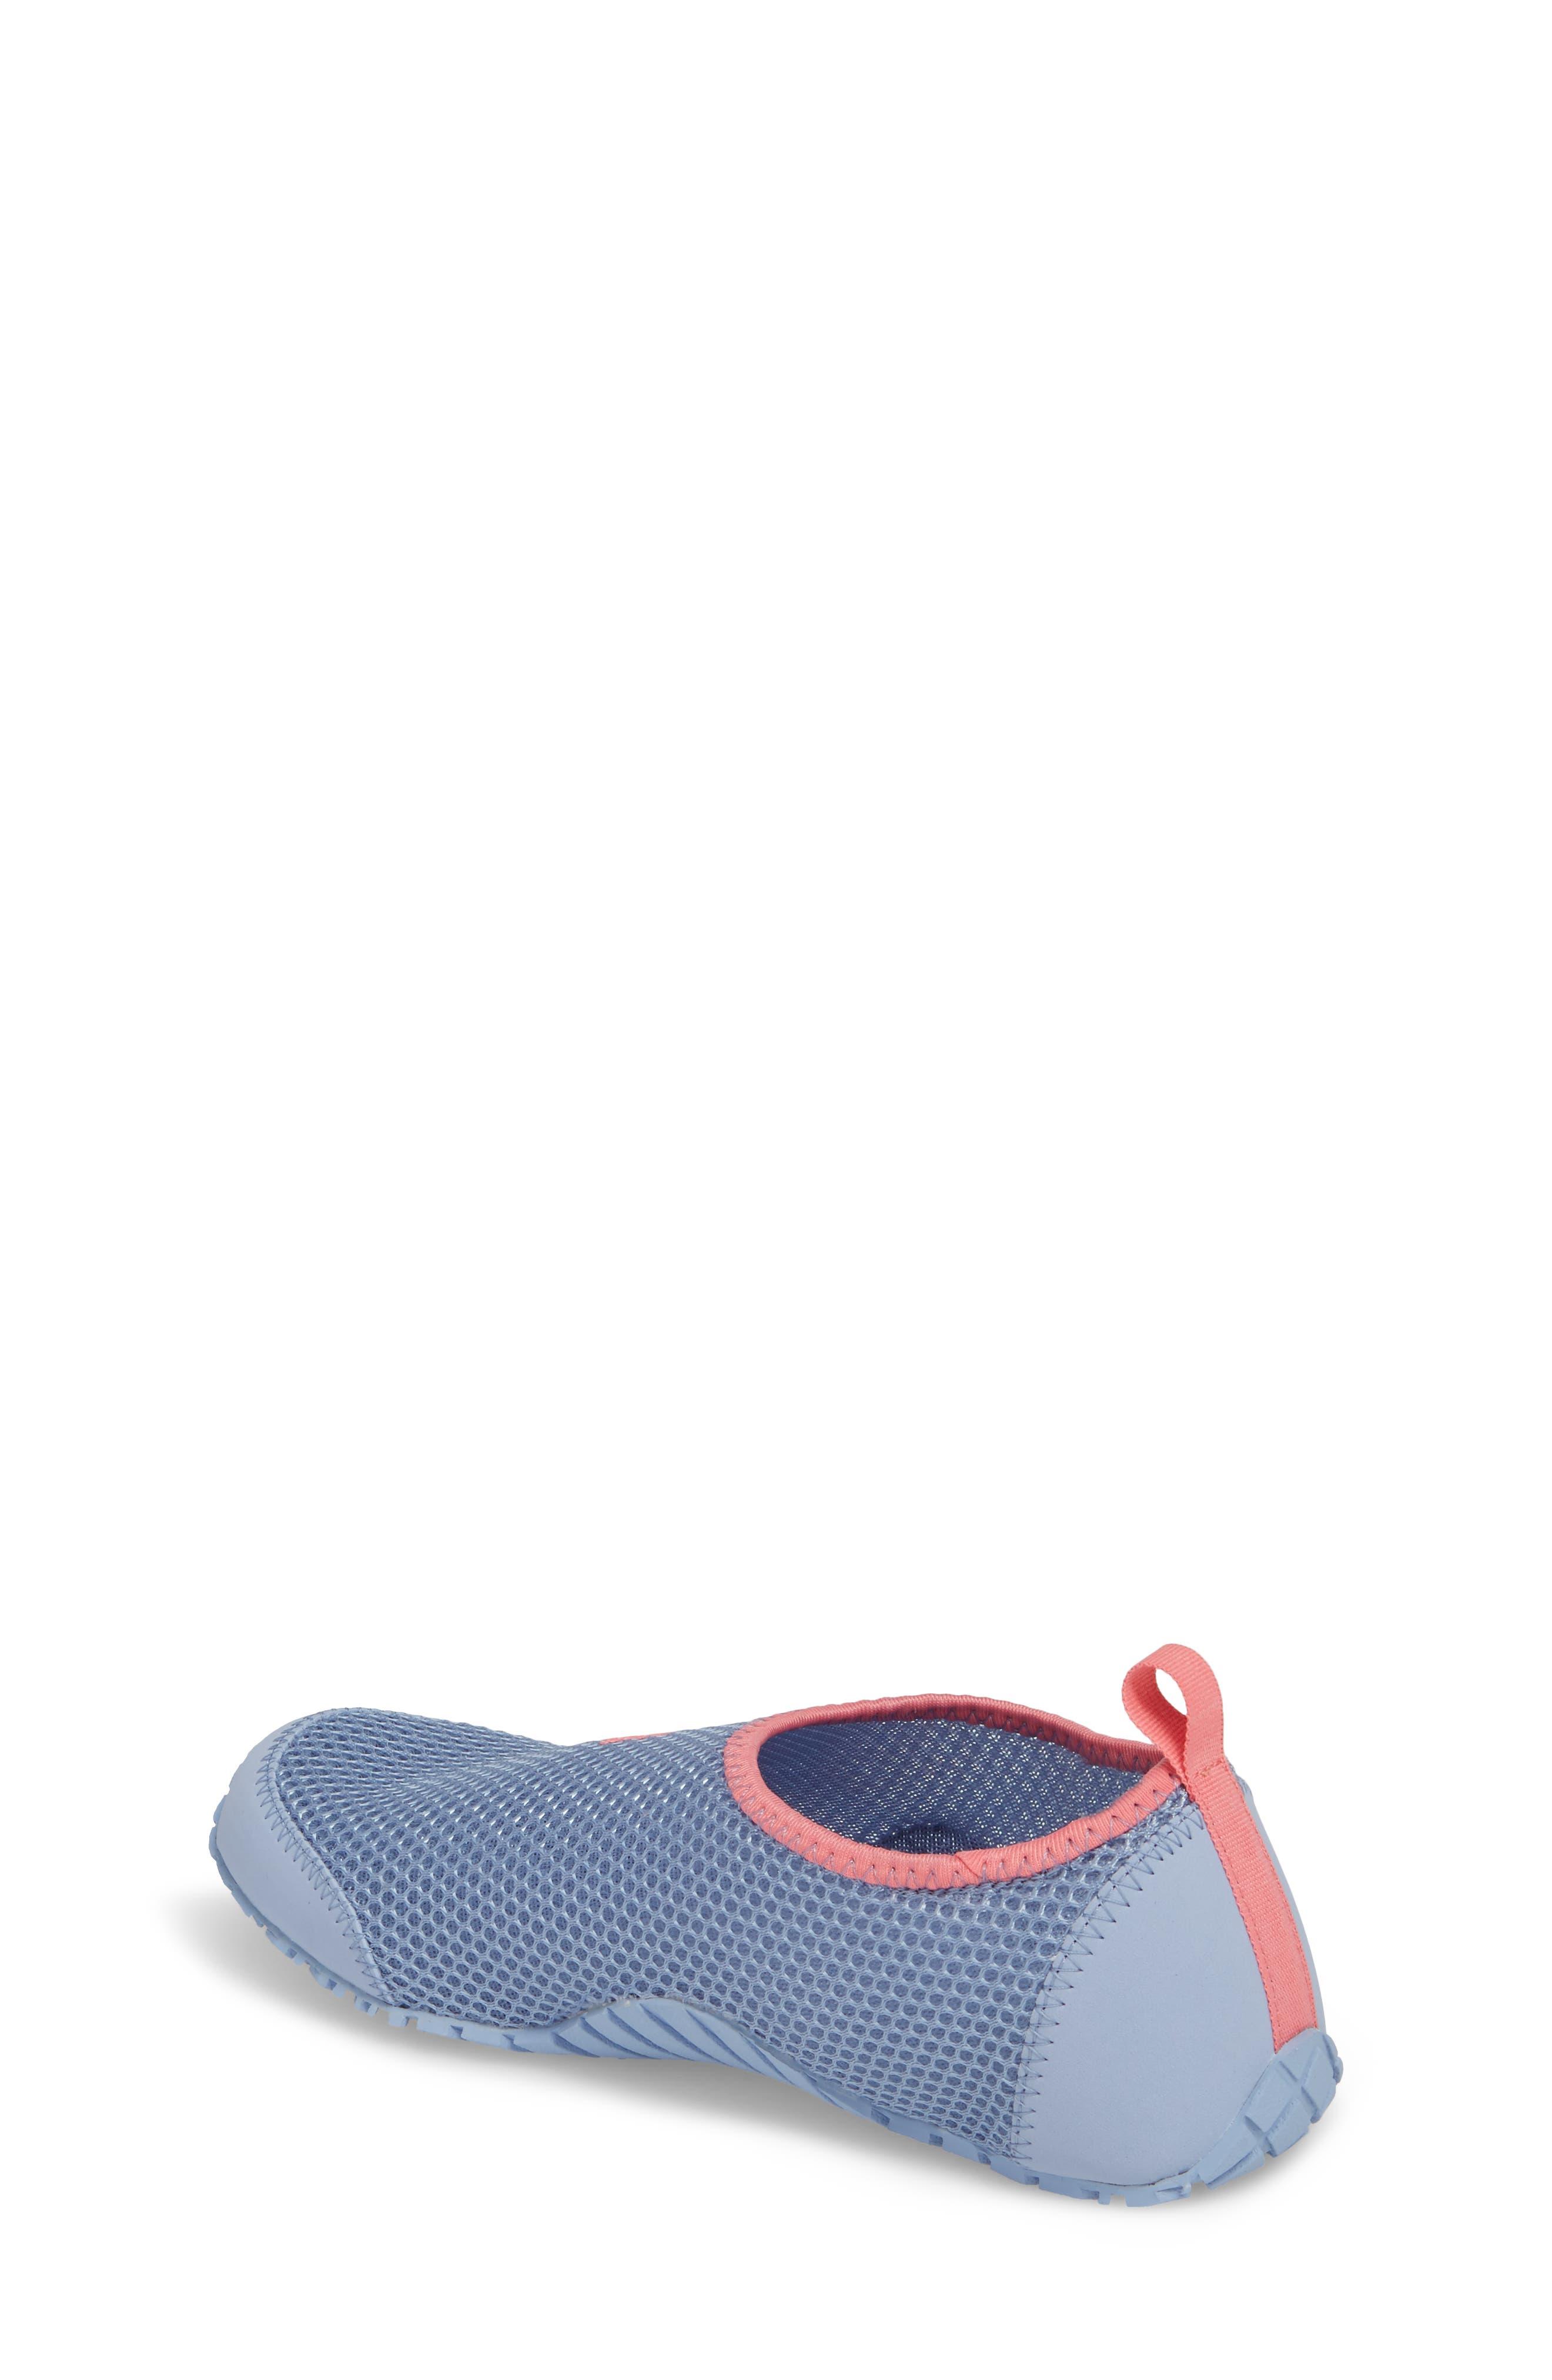 Alternate Image 2  - adidas Kurobe Mesh Slip-On Water Shoe (Toddler, Little Kid & Big Kid)